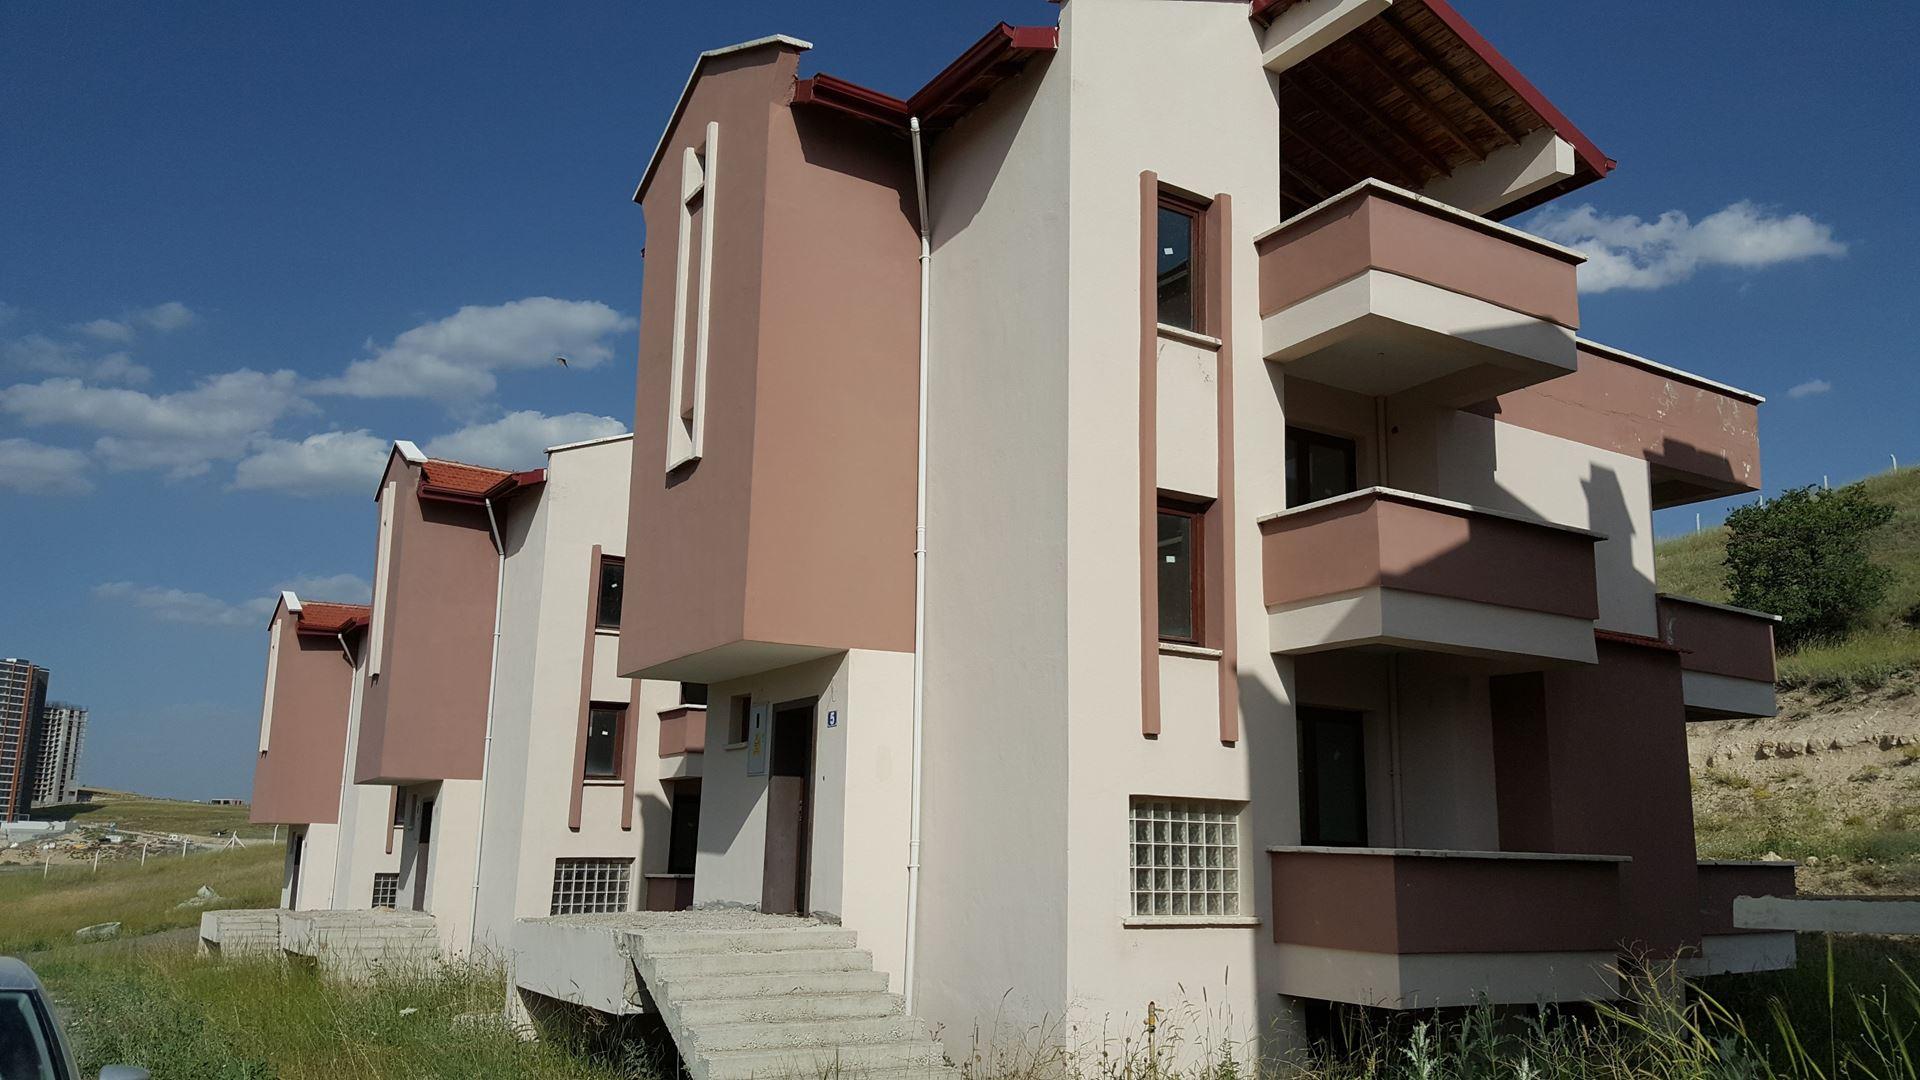 Yaşamkent-Dodurga-Satılık-Yatırımlık Villa-4 katlı-